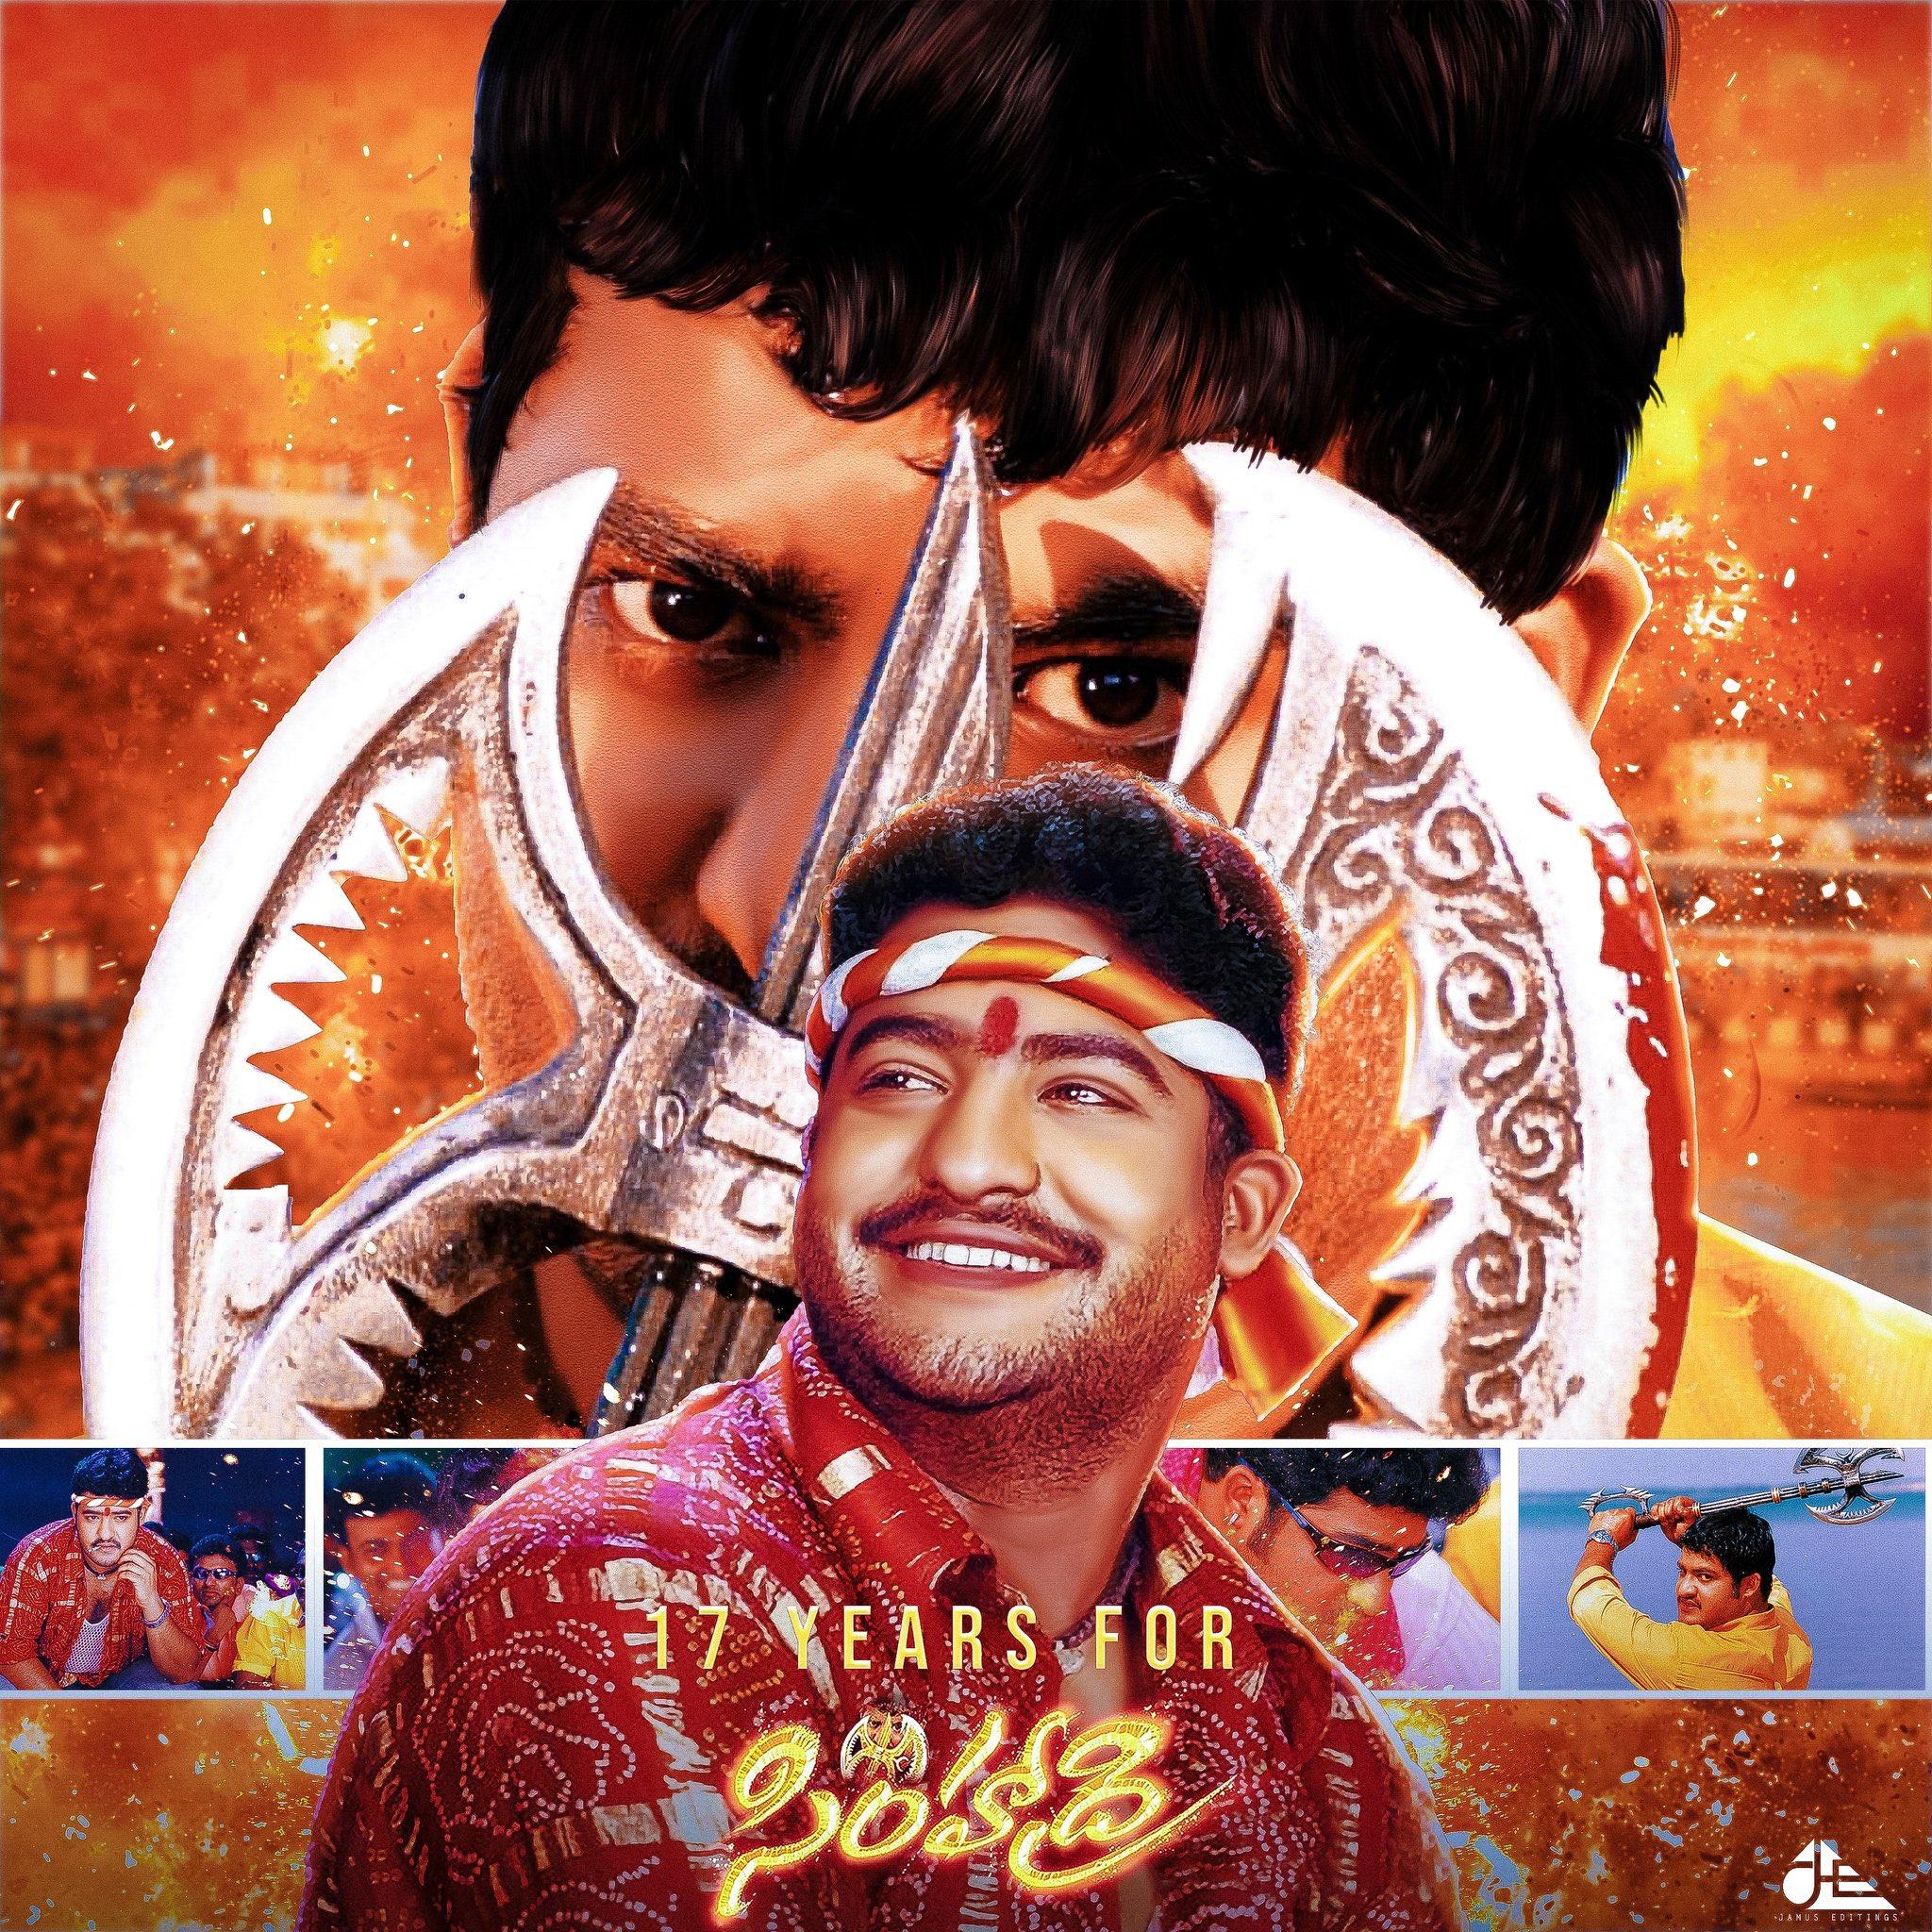 సరిగ్గా పదిహేఢేళ్ల క్రితం జూలై 8న విడుదలైన ఎన్టీఆర్,రాజమౌళి 'సింహాద్రి' మూవీ (Twitter/Photo)